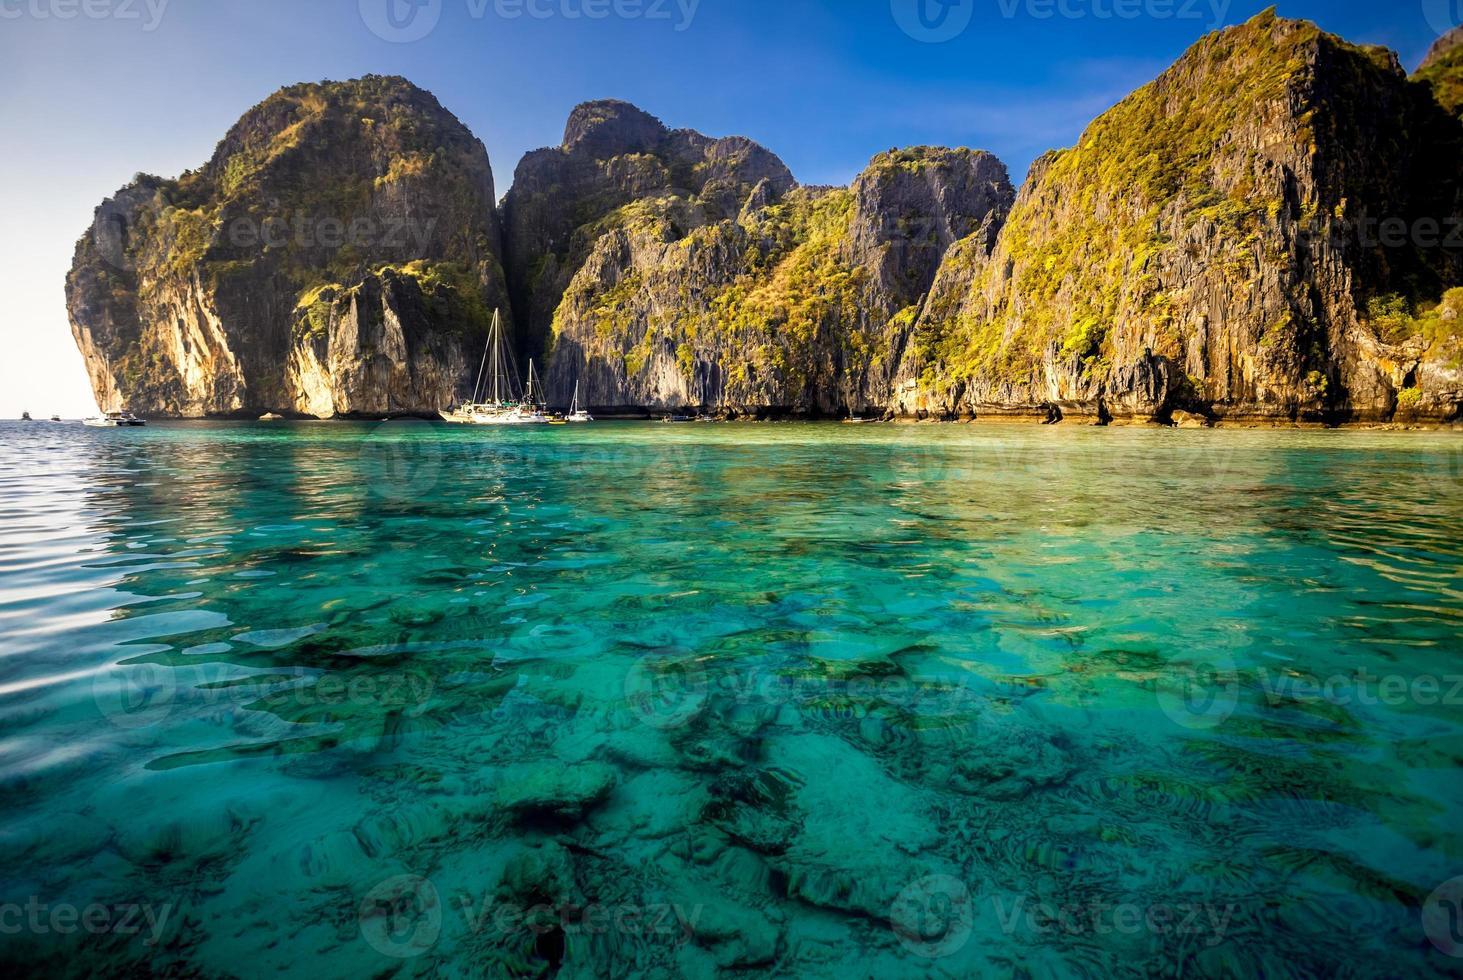 pintoresco paisaje del mar. foto